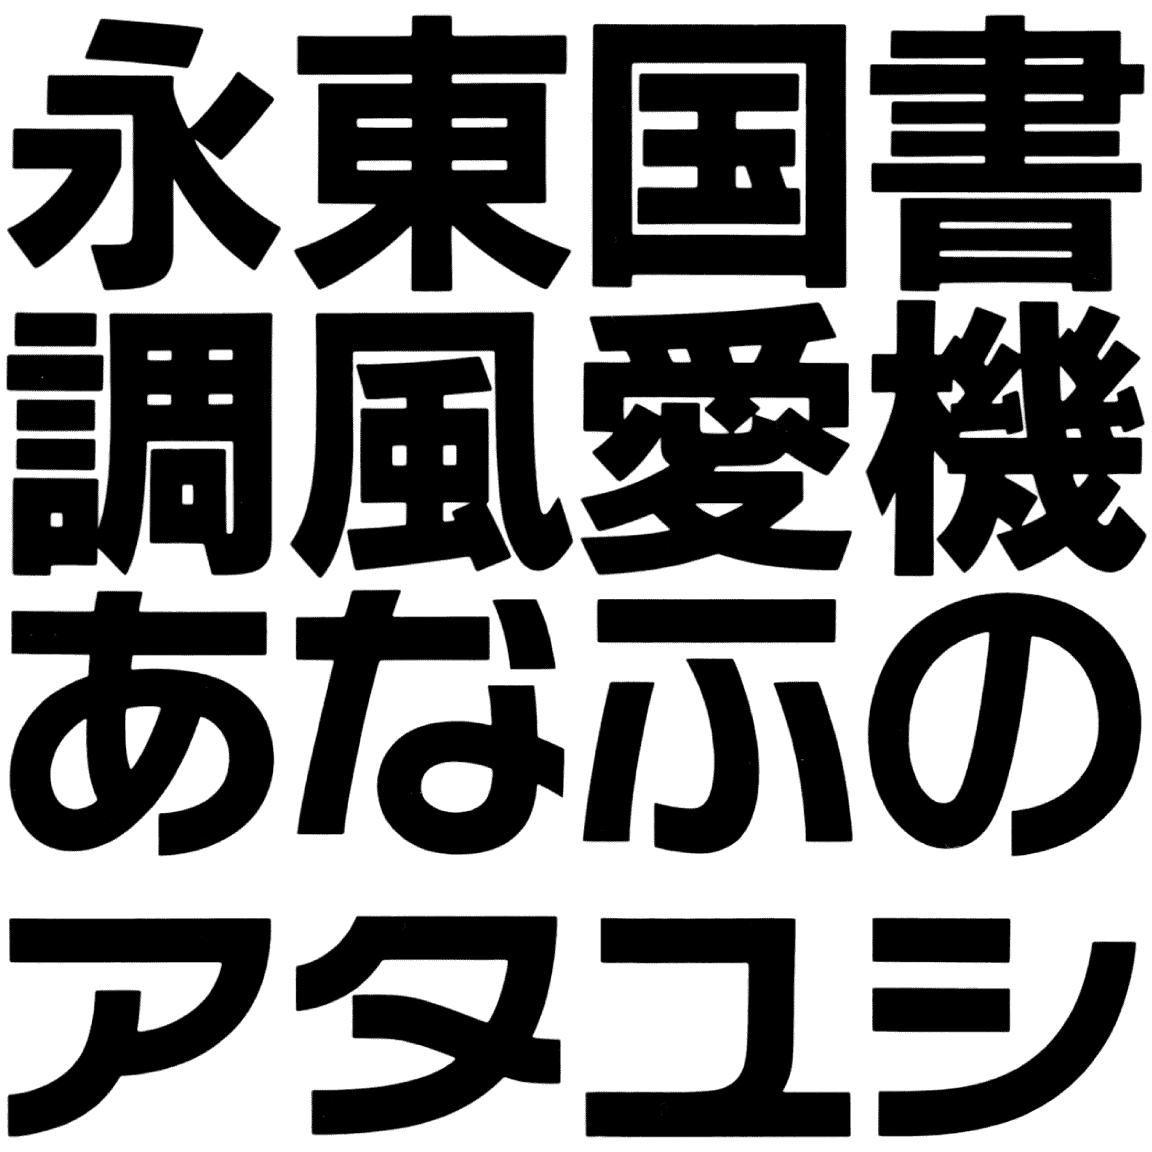 ロゴラインEC ELL-2 字形見本